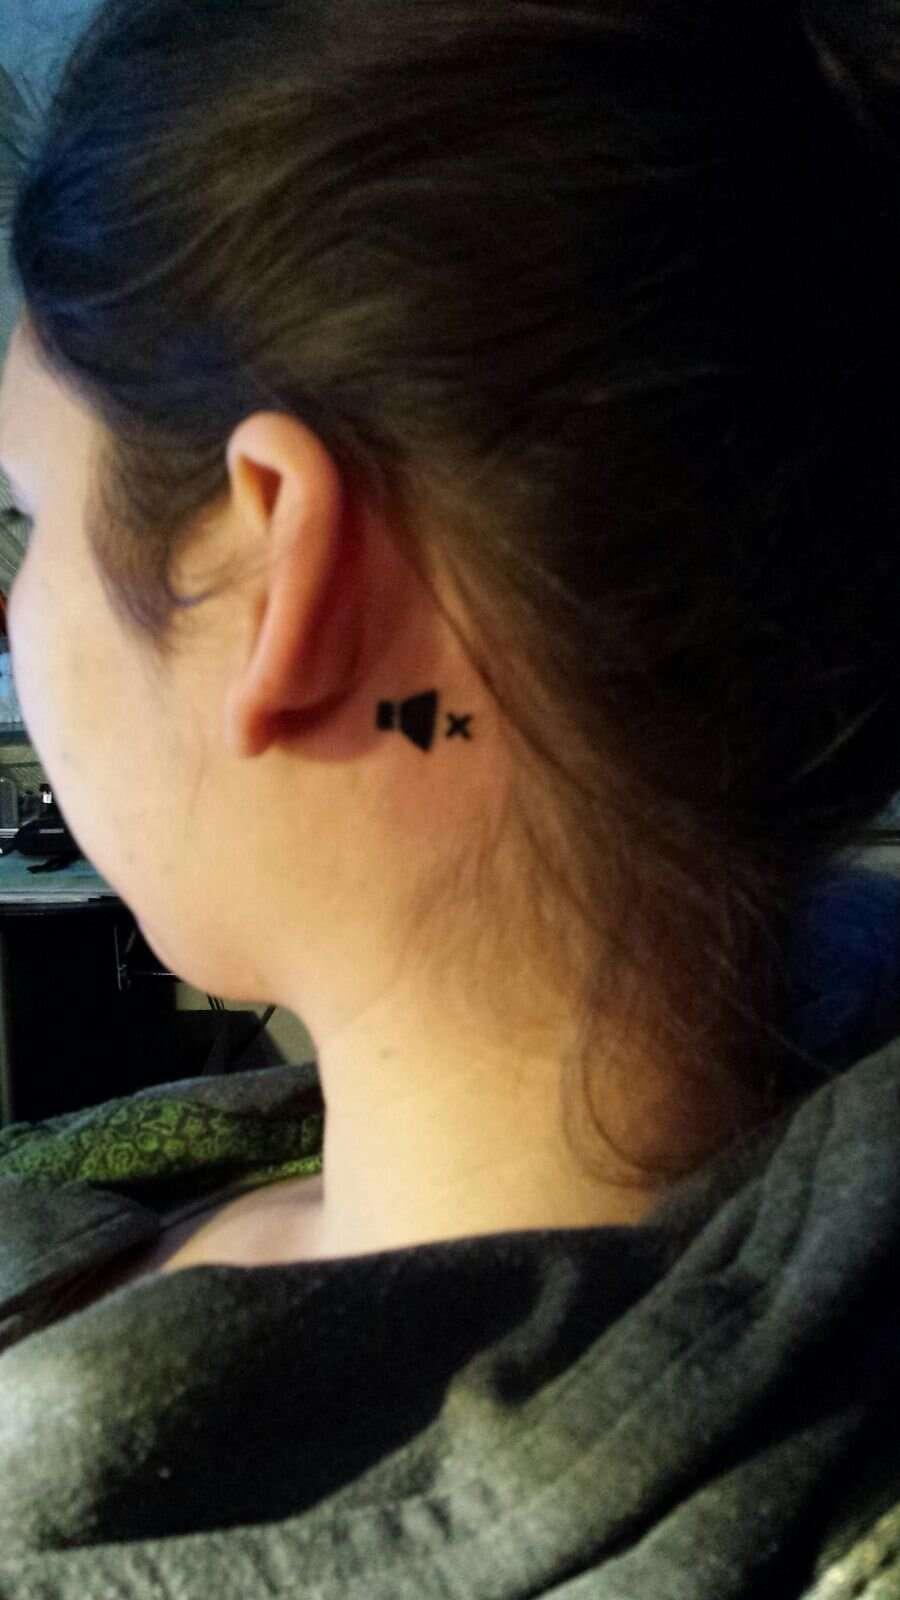 Jovem surda de um ouvido faz tatuagem surpreendente